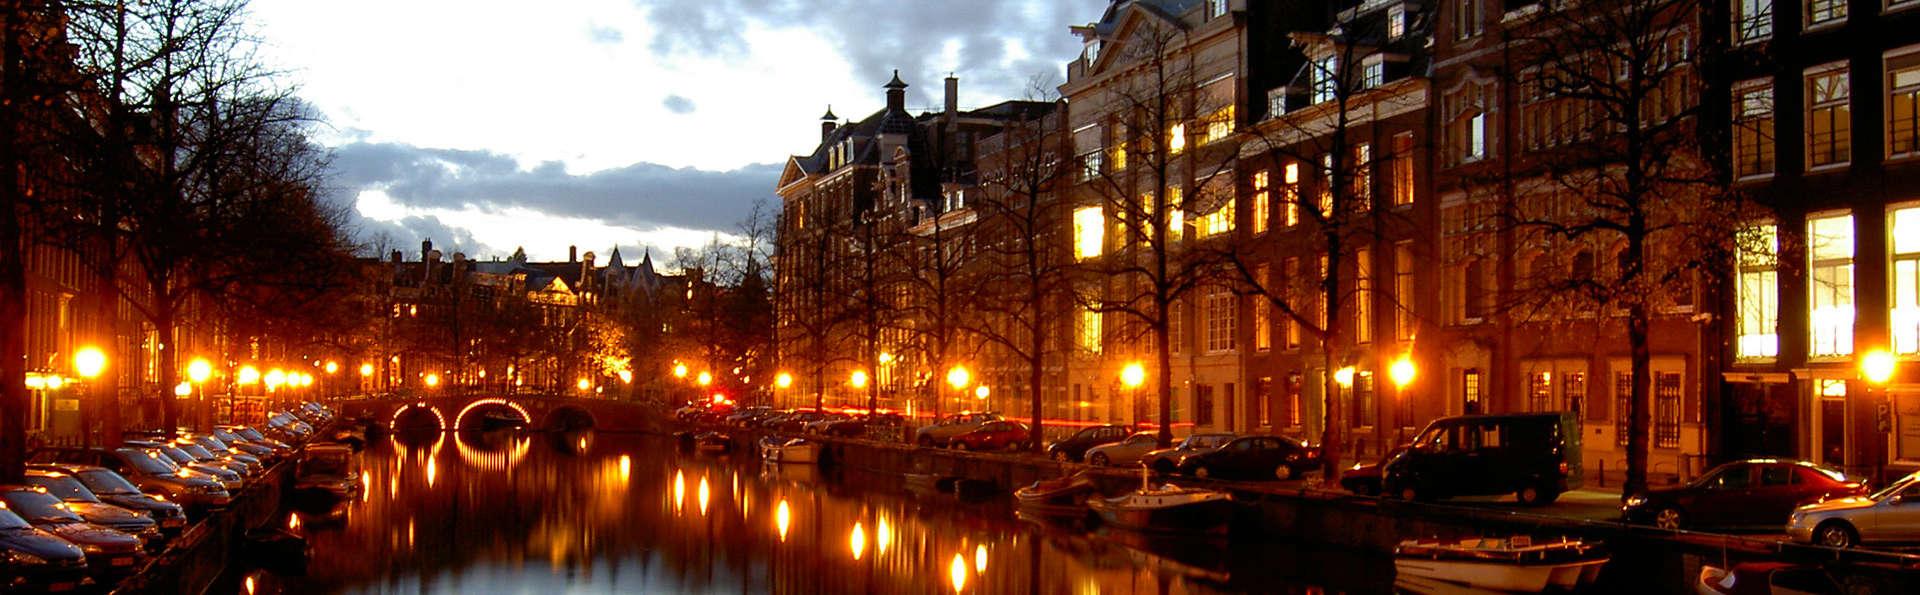 Profitez de la tranquillité d'Hoofddorp et découvrez la ville animée d'Amsterdam en bateau